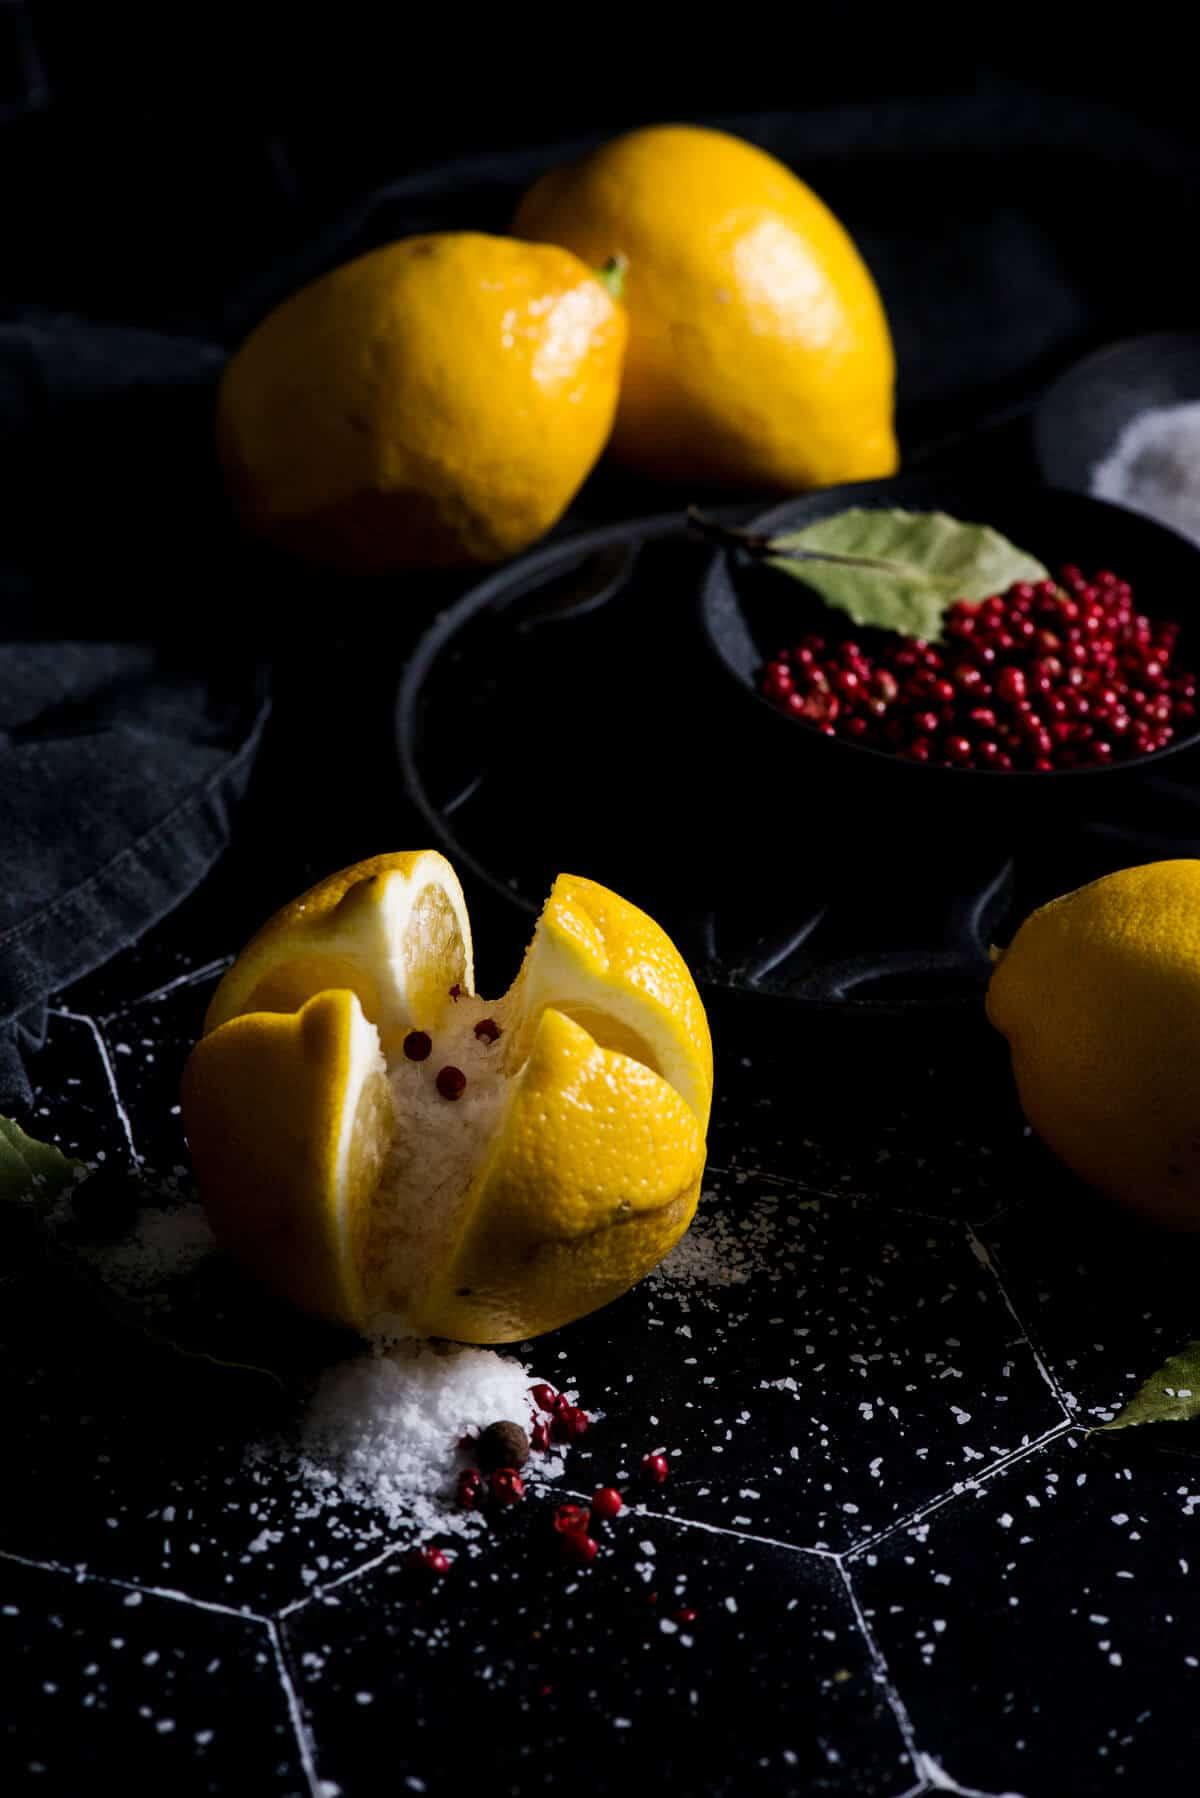 Quearteered lemon for preserving